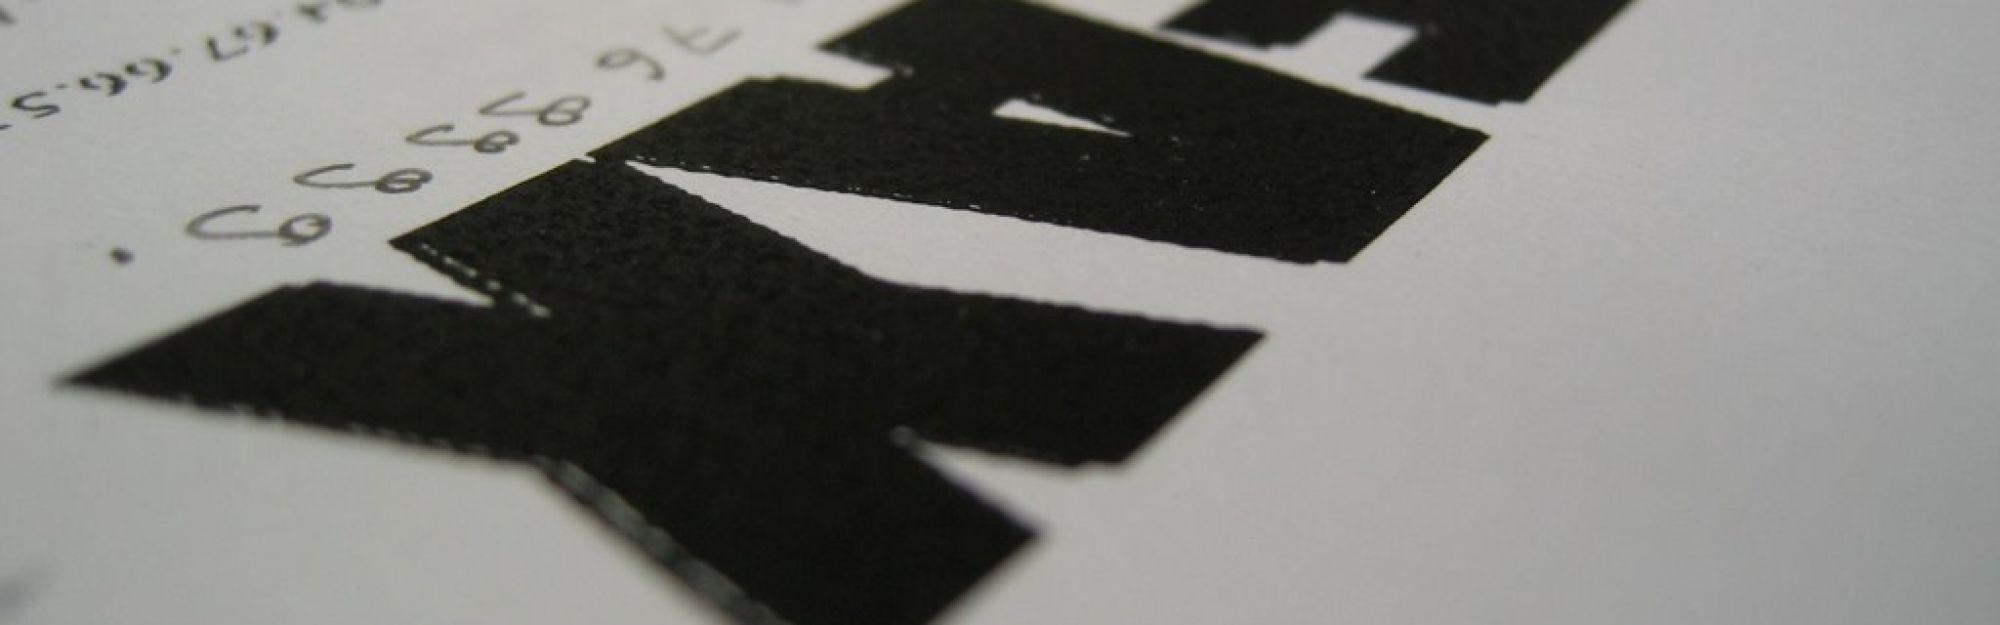 Wie kann ich Faxe online senden und empfangen?